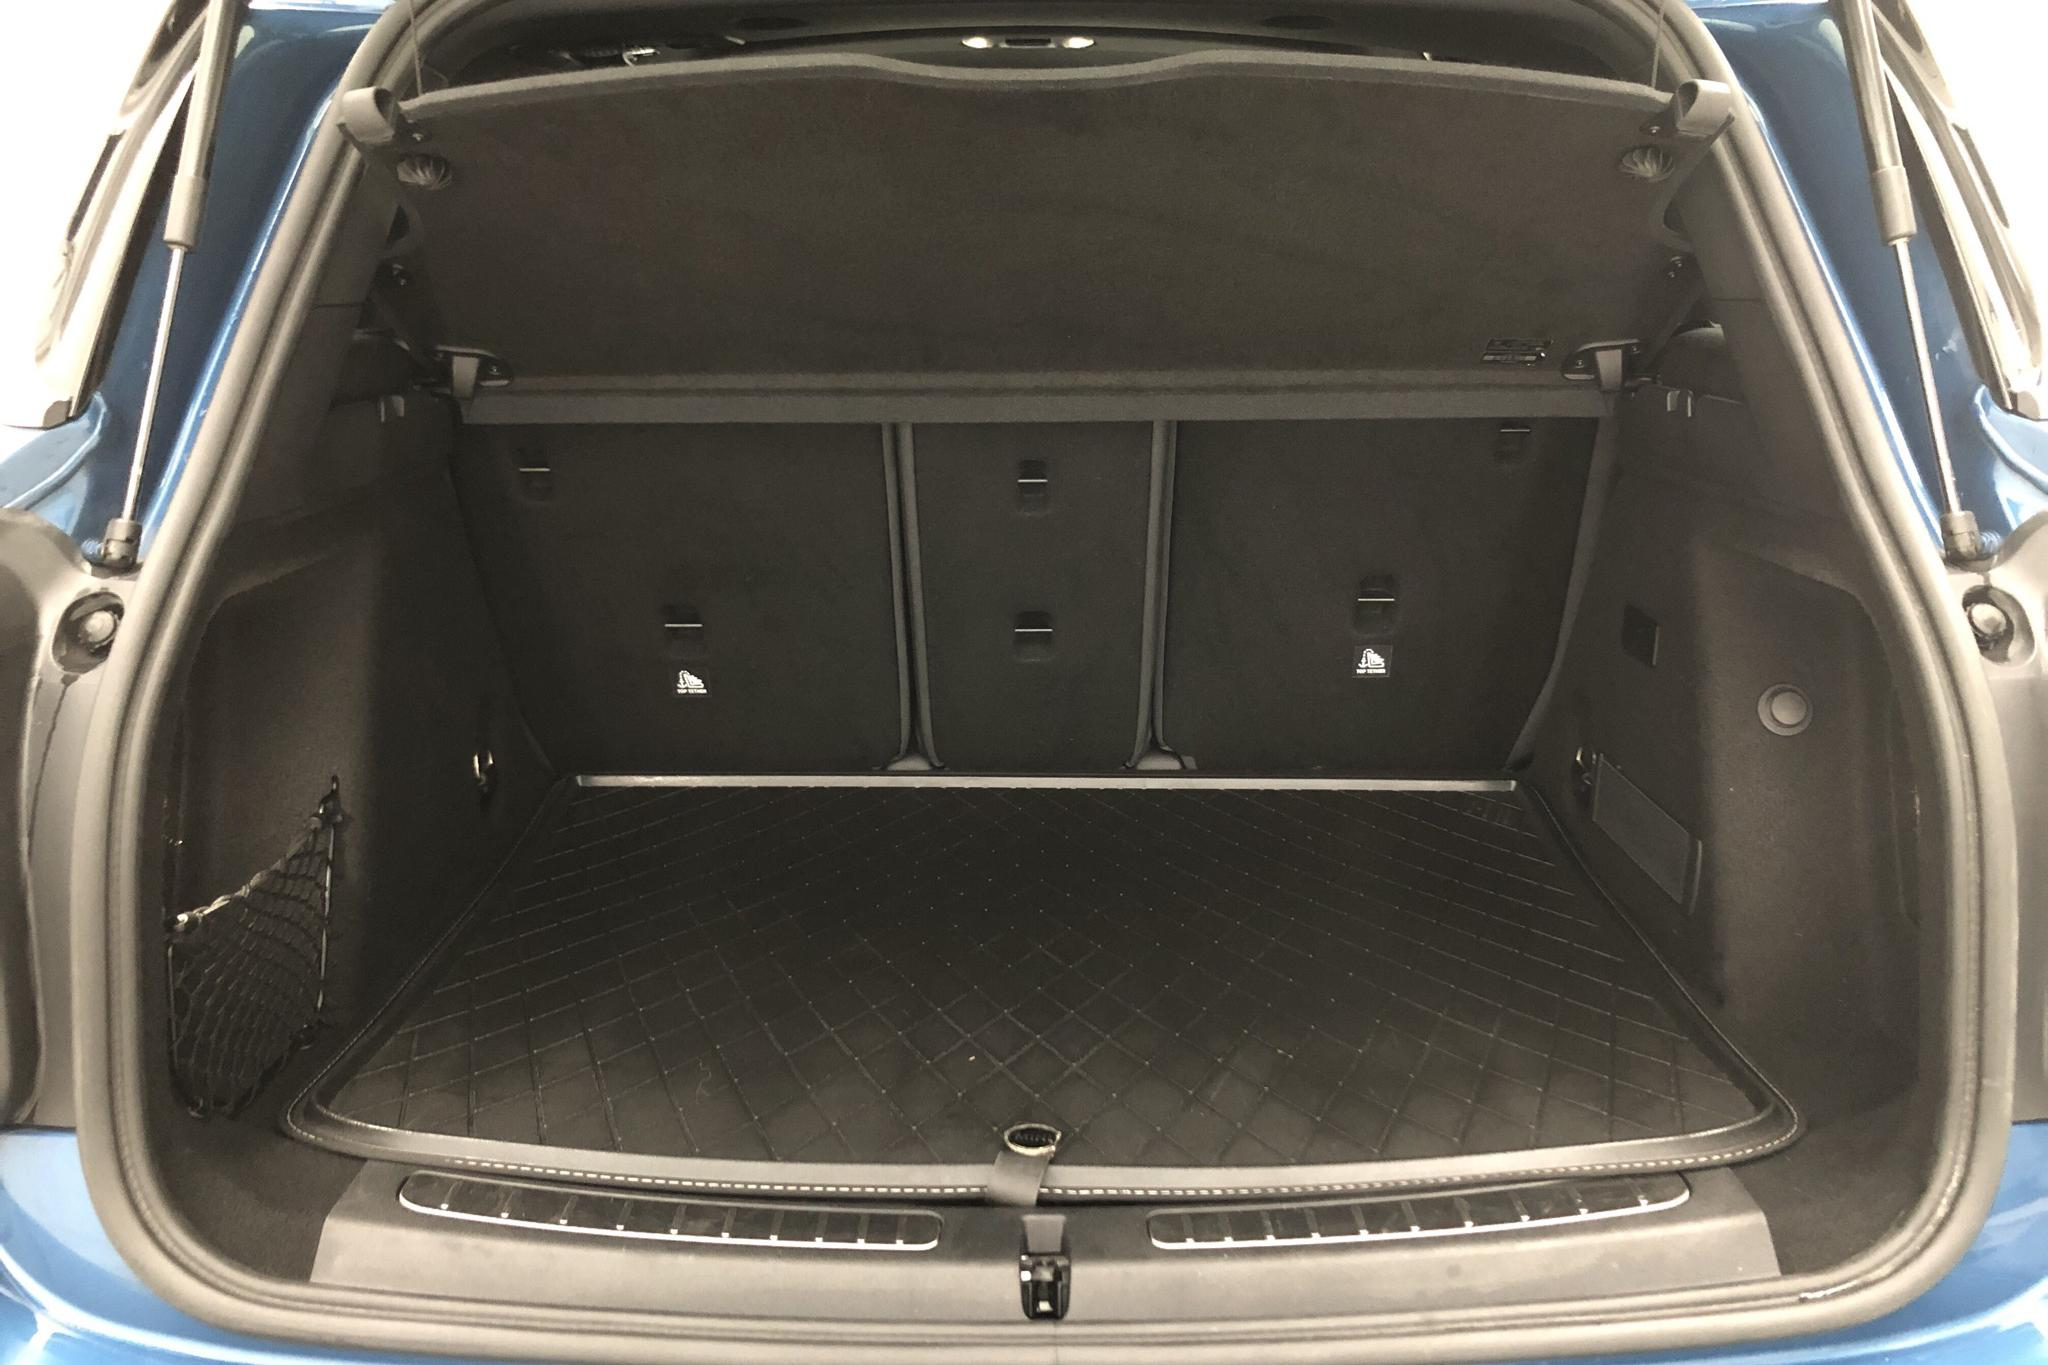 MINI Cooper S E ALL4 Countryman, F60 (224hk) - 3 260 mil - Automat - blå - 2019